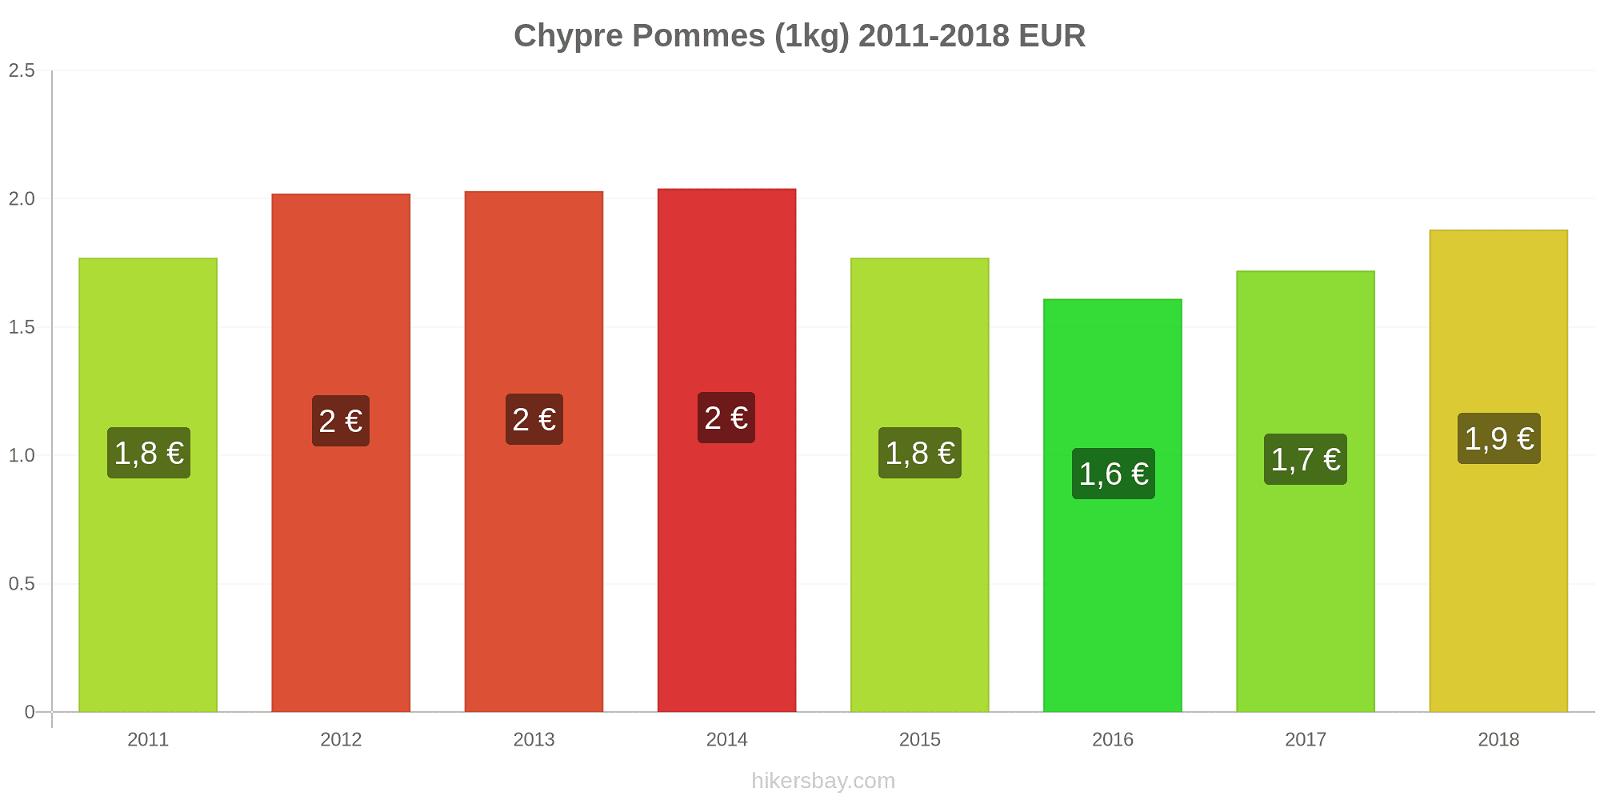 Chypre changements de prix Pommes (1kg) hikersbay.com